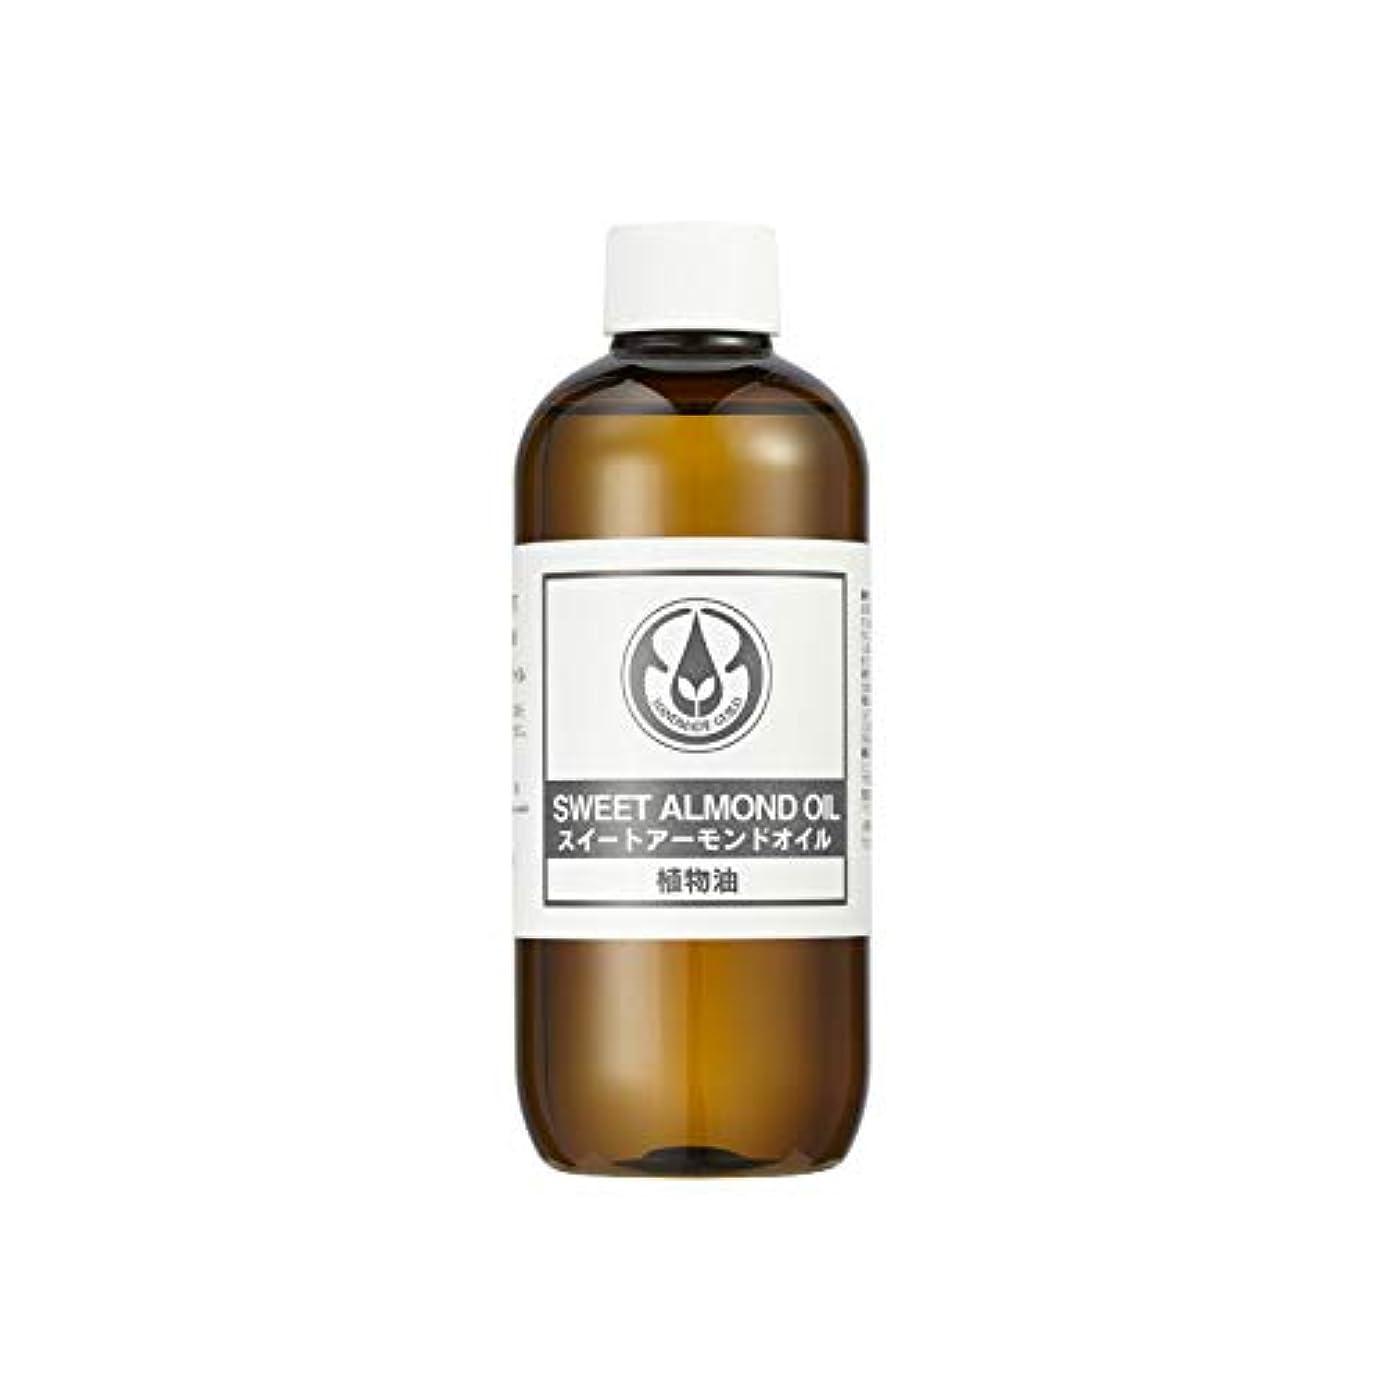 概して元の酸化する生活の木 スイート アーモンド油 250ml 2本